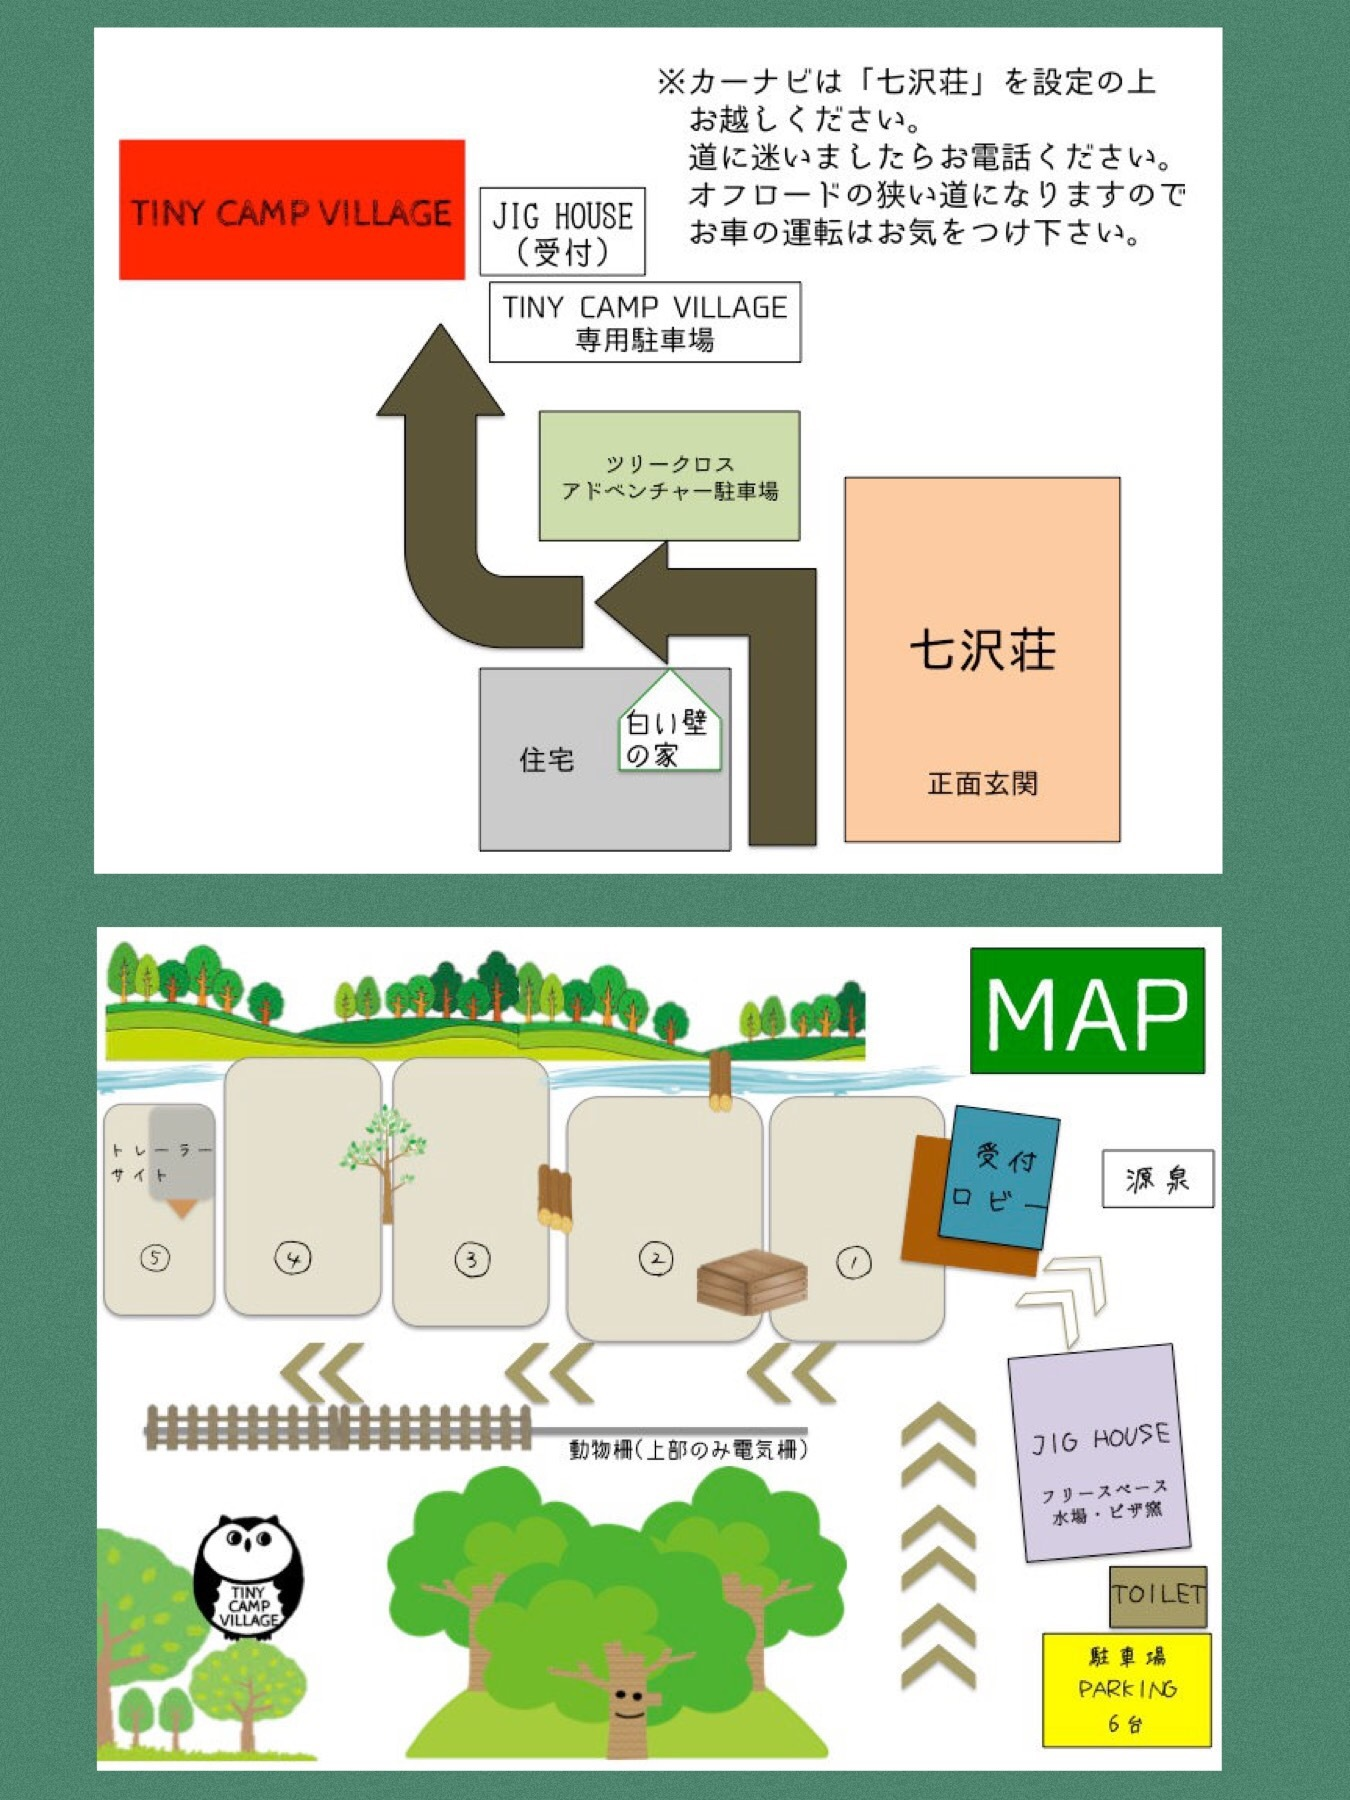 厚木七沢温泉 タイニーキャンプヴィレッジ トレイラーMAP